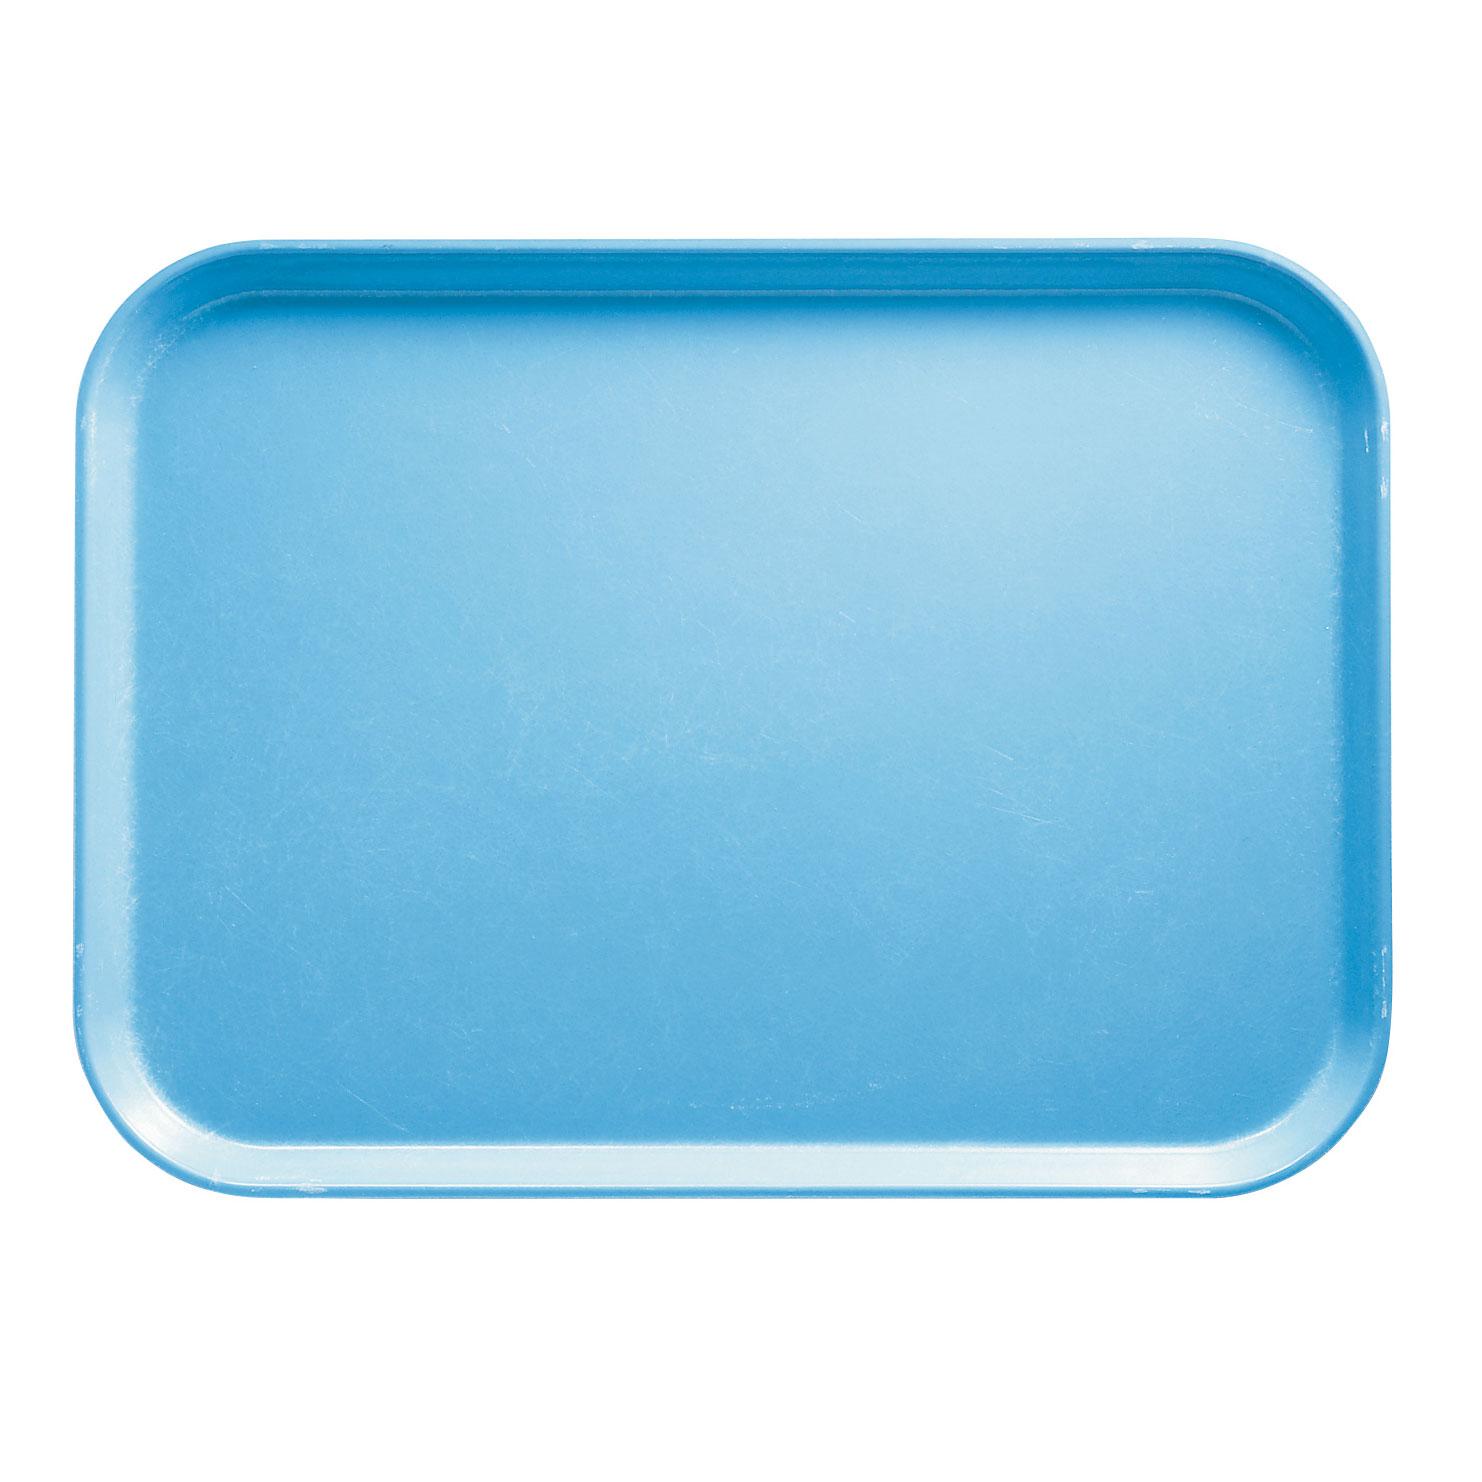 Cambro 1014518 cafeteria tray